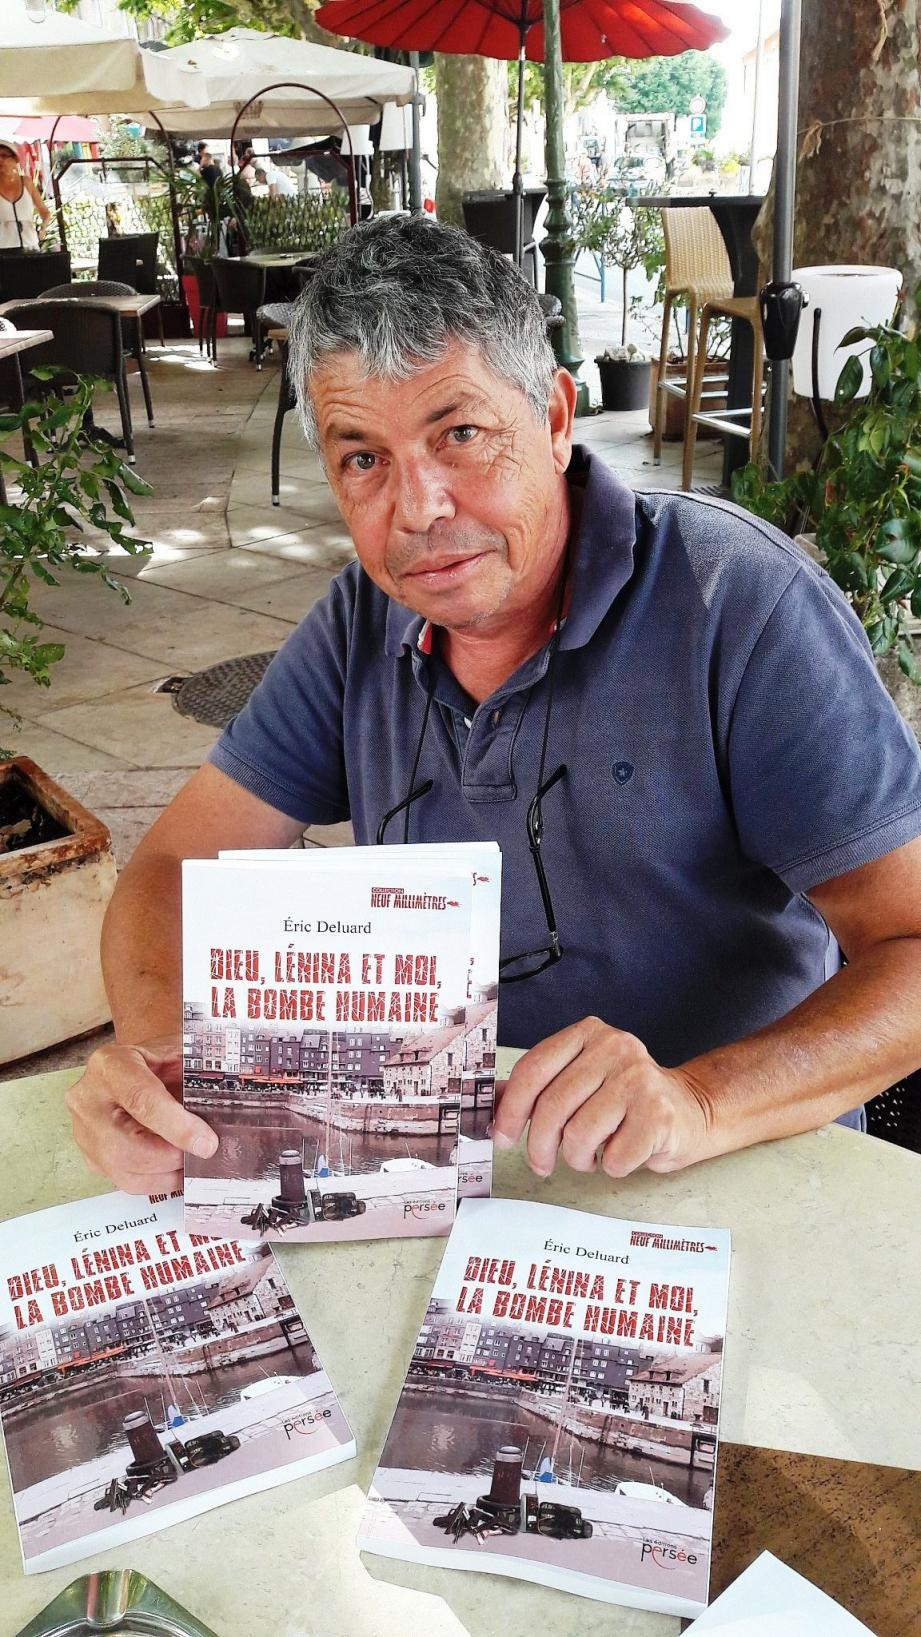 Ancien journaliste à Var-matin, Eric Deluard aime les polards, alors il s'est lancé dans l'écriture. «Dieu, Lélina et moi, la bombe humaine » est né.